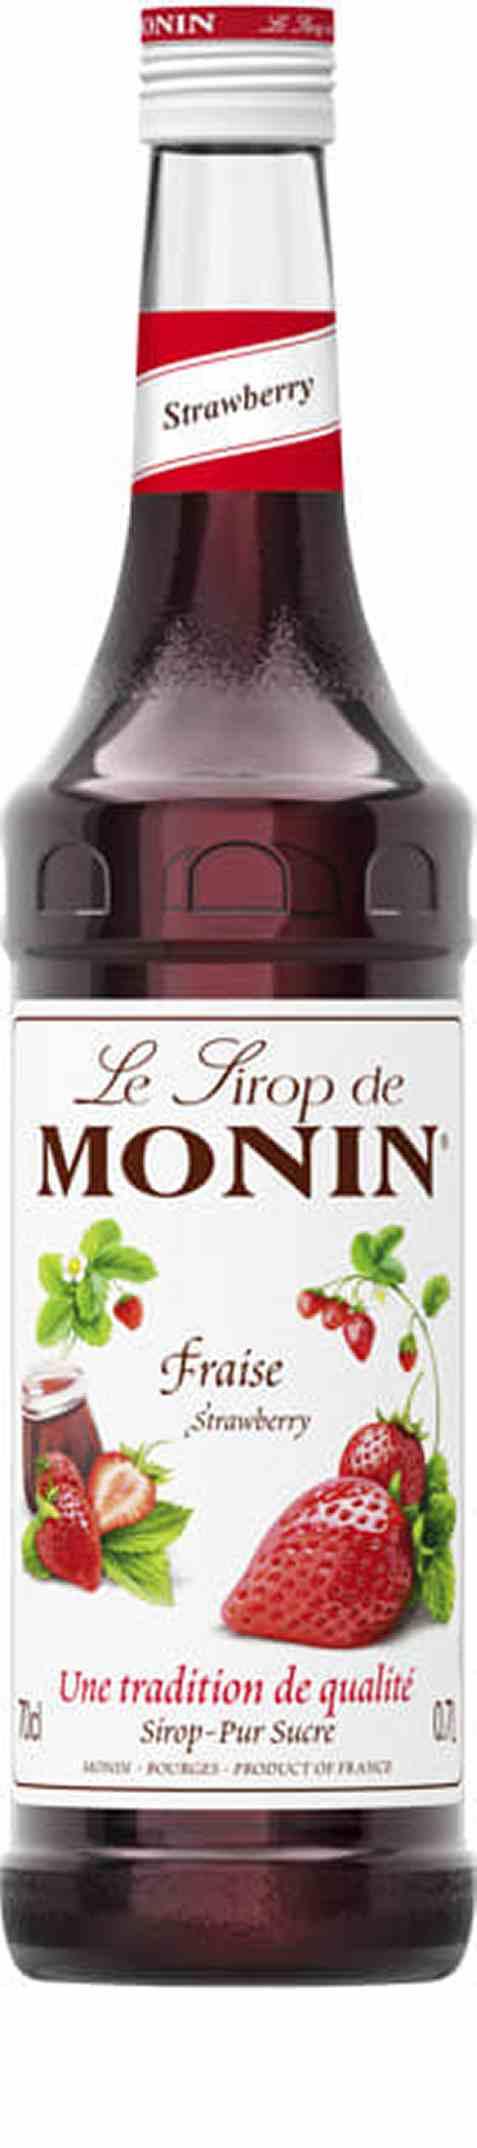 Bilde av Monin Jordbær sirup.